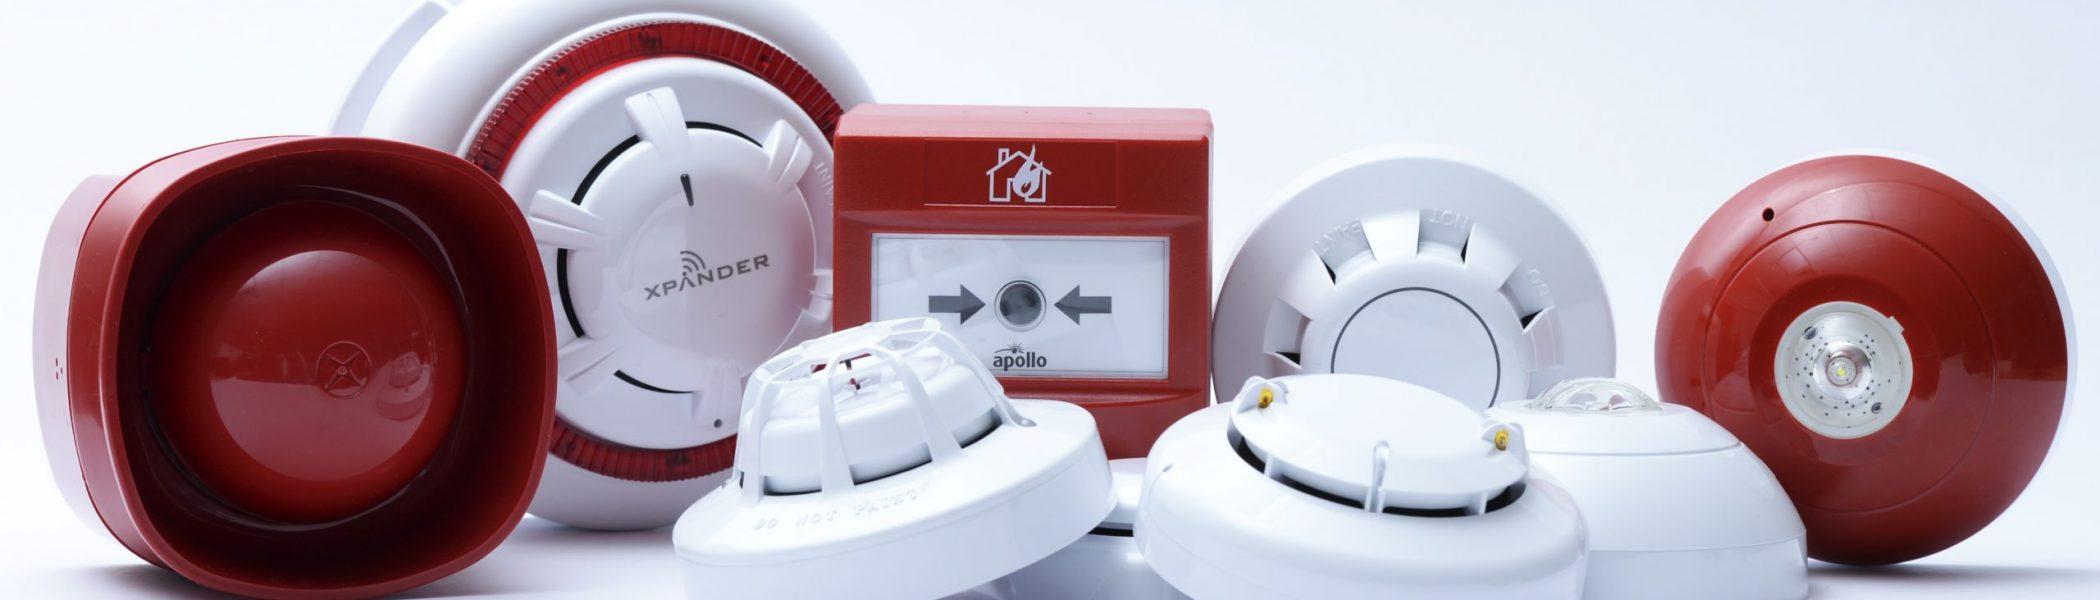 yangin-alarm-sistemleri-2-scaled